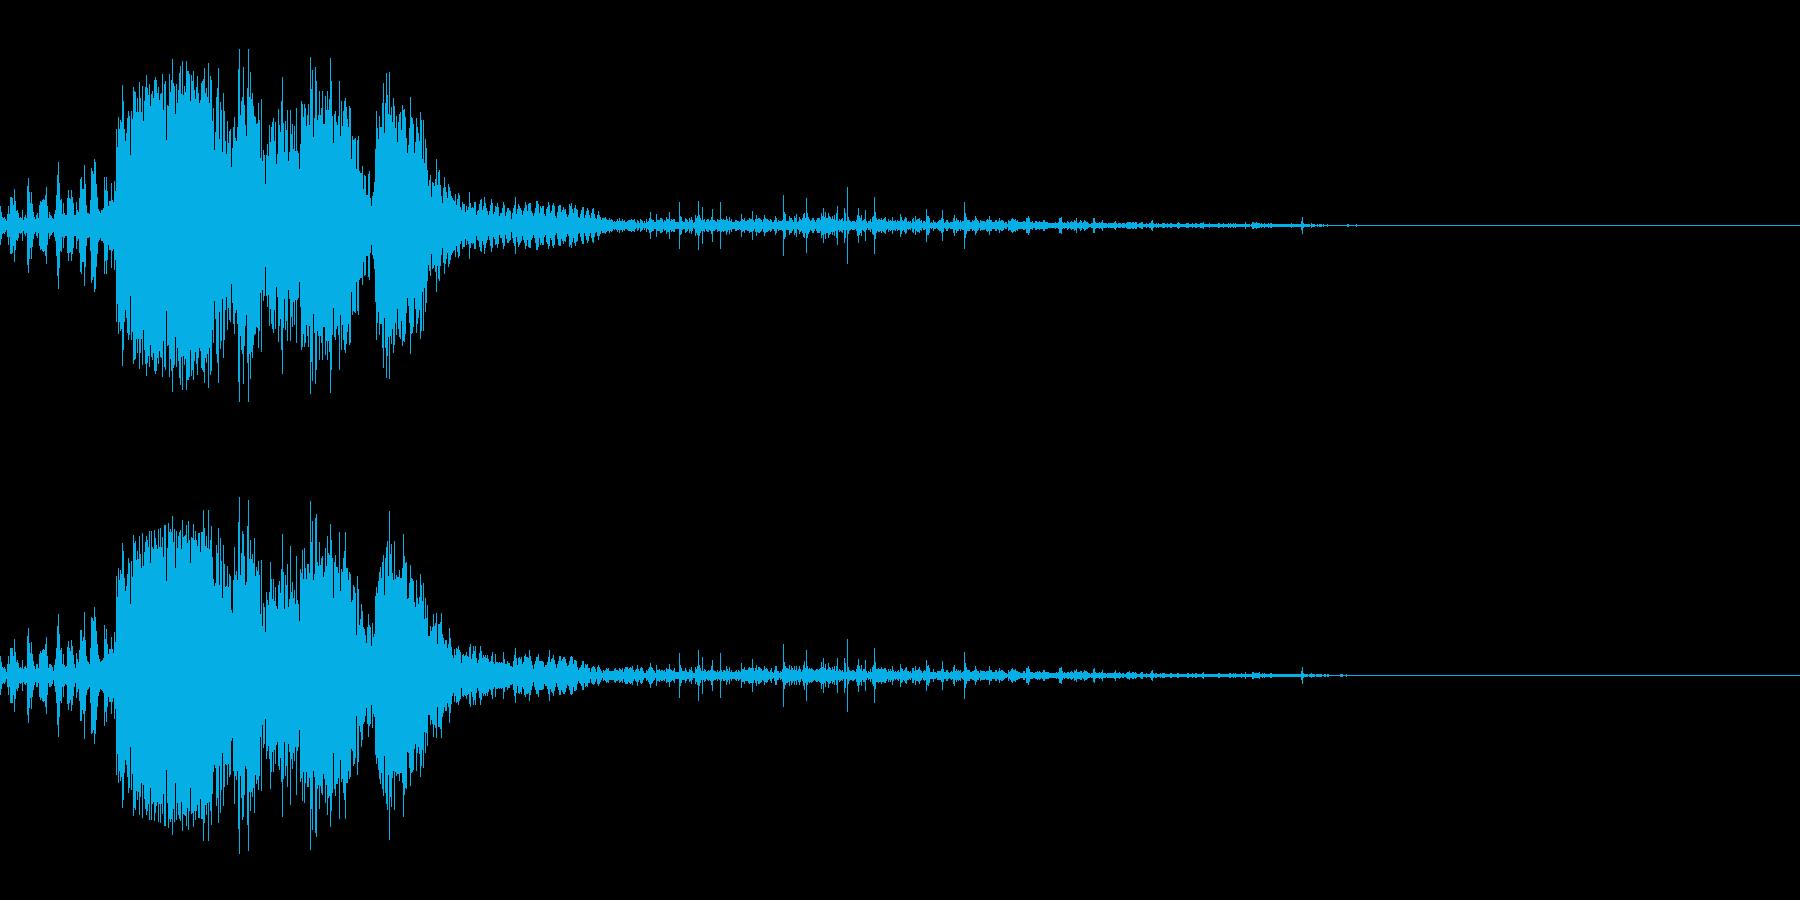 スパーク音-37の再生済みの波形